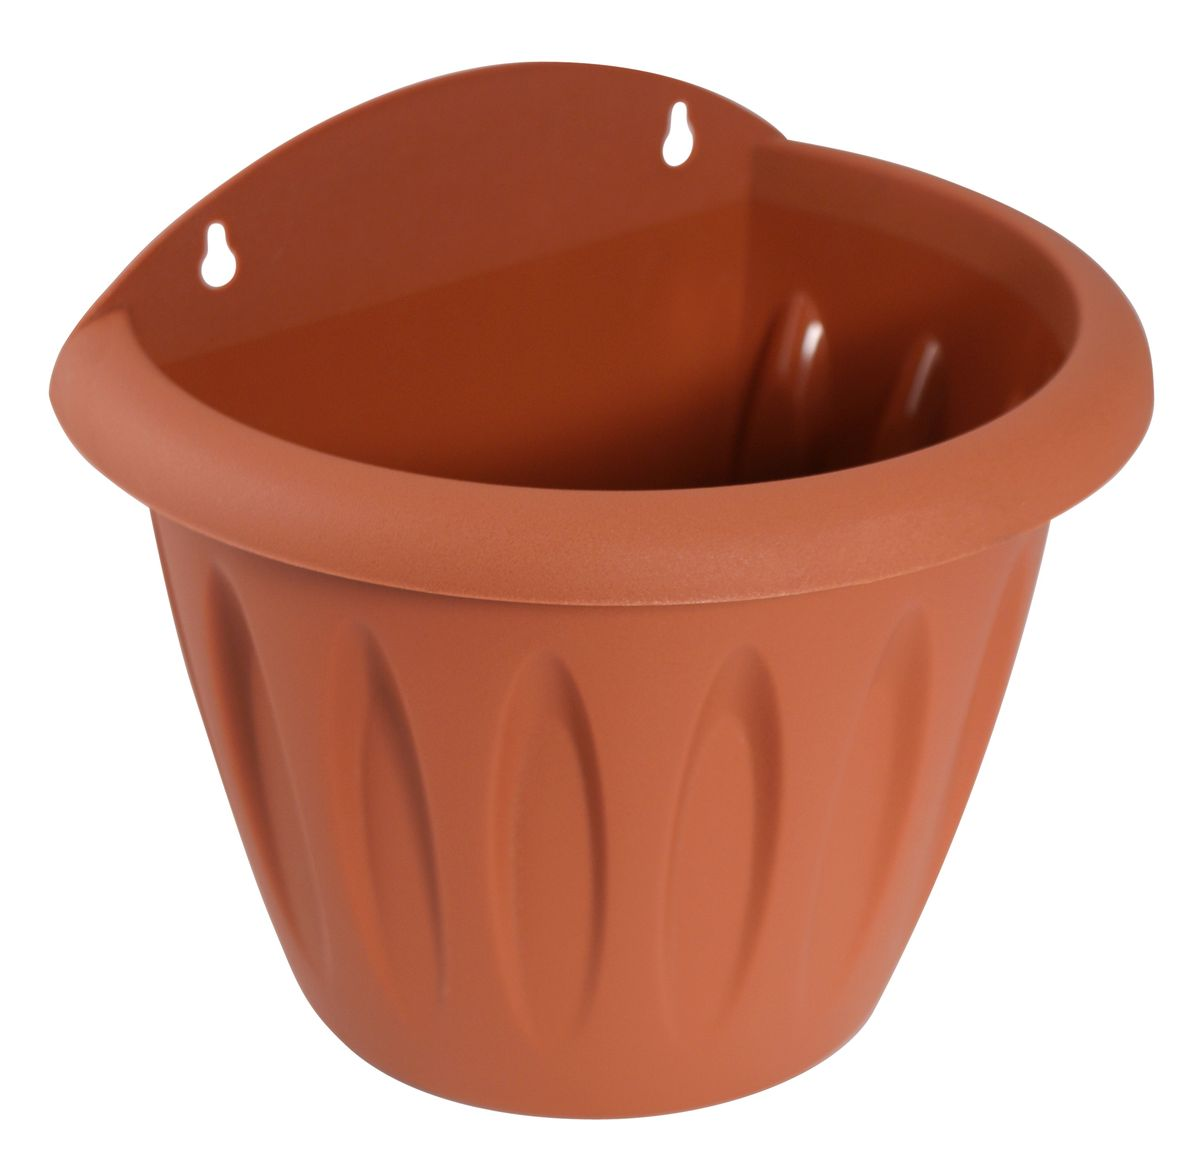 Кашпо настенное Martika Фелиция, цвет: терракотовый, 16 х 11,7 х 13,9 смMRC120TЛюбой, даже самый современный и продуманный интерьер будет не завершенным без растений. Они не только очищают воздух и насыщают его кислородом, но и заметно украшают окружающее пространство. Такому полезному члену семьи просто необходимо красивое и функциональное кашпо, оригинальный горшок или необычная ваза! Мы предлагаем - Кашпо настенное d=16 см Фелиция, цвет терракот! Оптимальный выбор материала - это пластмасса! Почему мы так считаем? Малый вес. С легкостью переносите горшки и кашпо с места на место, ставьте их на столики или полки, подвешивайте под потолок, не беспокоясь о нагрузке. Простота ухода. Пластиковые изделия не нуждаются в специальных условиях хранения. Их легко чистить достаточно просто сполоснуть теплой водой. Никаких царапин. Пластиковые кашпо не царапают и не загрязняют поверхности, на которых стоят. Пластик дольше хранит влагу, а значит растение реже нуждается в поливе. Пластмасса не пропускает воздух корневой системе растения не грозят резкие перепады температур. Огромный выбор форм, декора и расцветок вы без труда подберете что-то, что идеально впишется в уже существующий интерьер. Соблюдая нехитрые правила ухода, вы можете заметно продлить срок службы горшков, вазонов и кашпо из пластика: всегда учитывайте размер кроны и корневой системы растения (при разрастании большое растение способно повредить маленький горшок) берегите изделие от воздействия прямых солнечных лучей, чтобы кашпо и горшки не выцветали держите кашпо и горшки из пластика подальше от нагревающихся поверхностей. Создавайте прекрасные цветочные композиции, выращивайте рассаду или необычные растения, а низкие цены позволят вам не ограничивать себя в выборе.